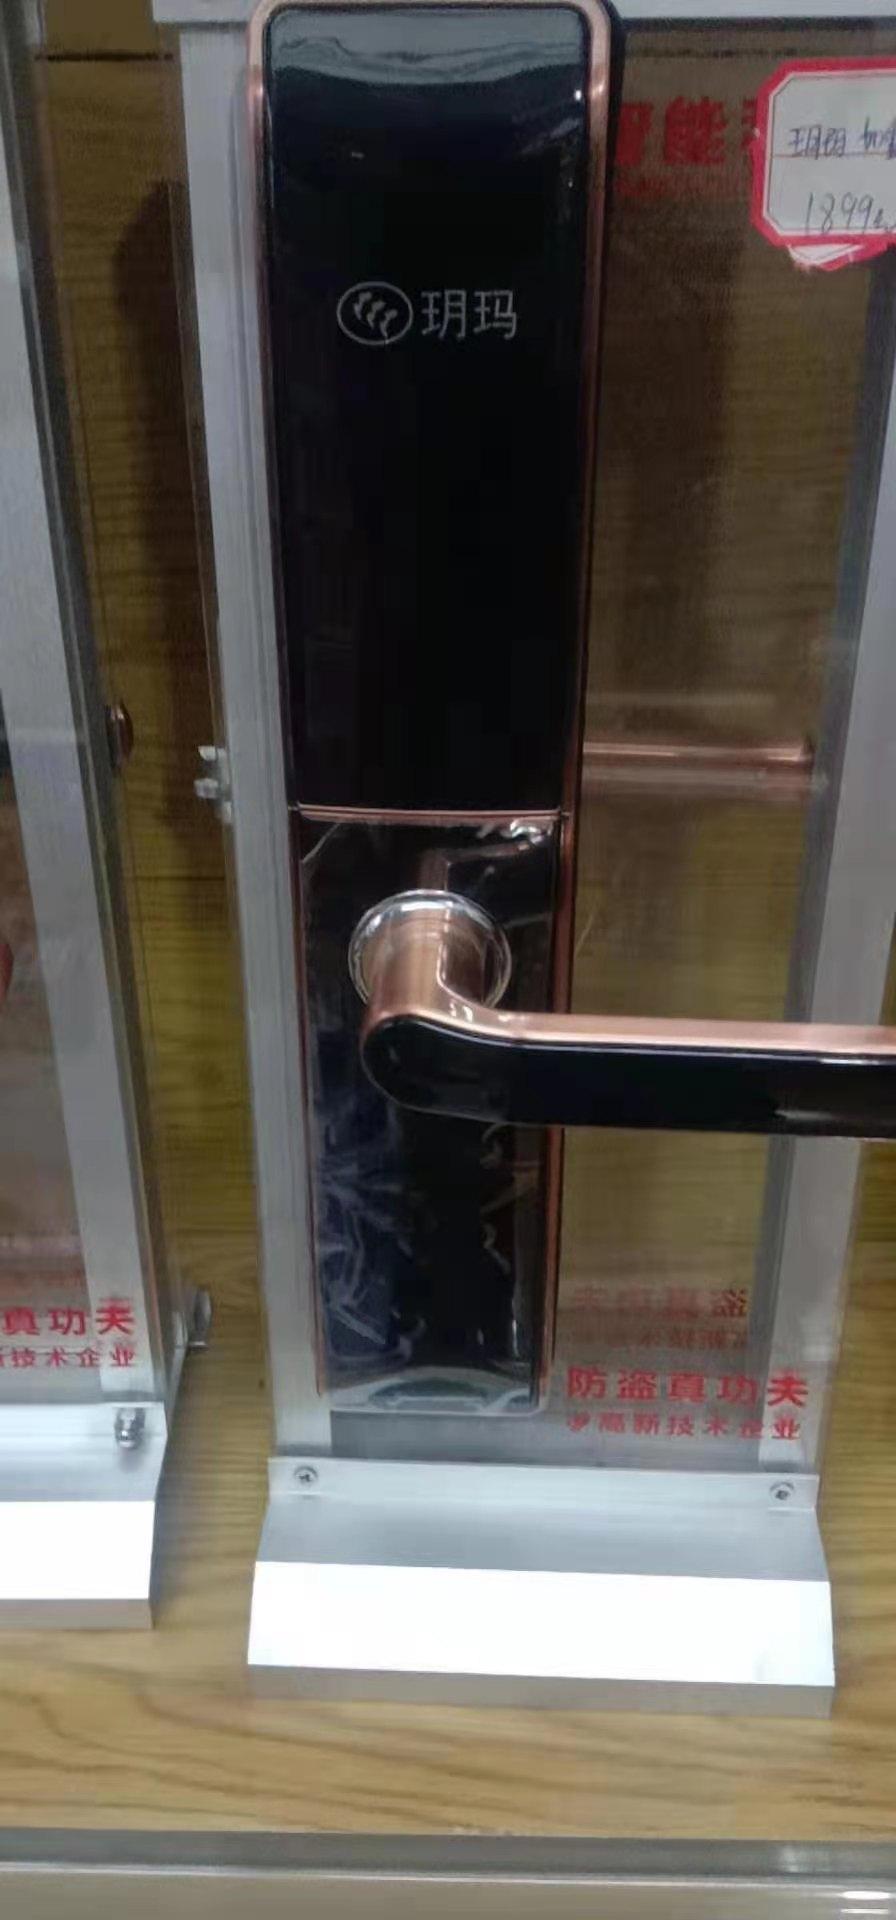 想知道沈丘开锁用到的工具有哪些吗?-- 沈丘金诚锁业店